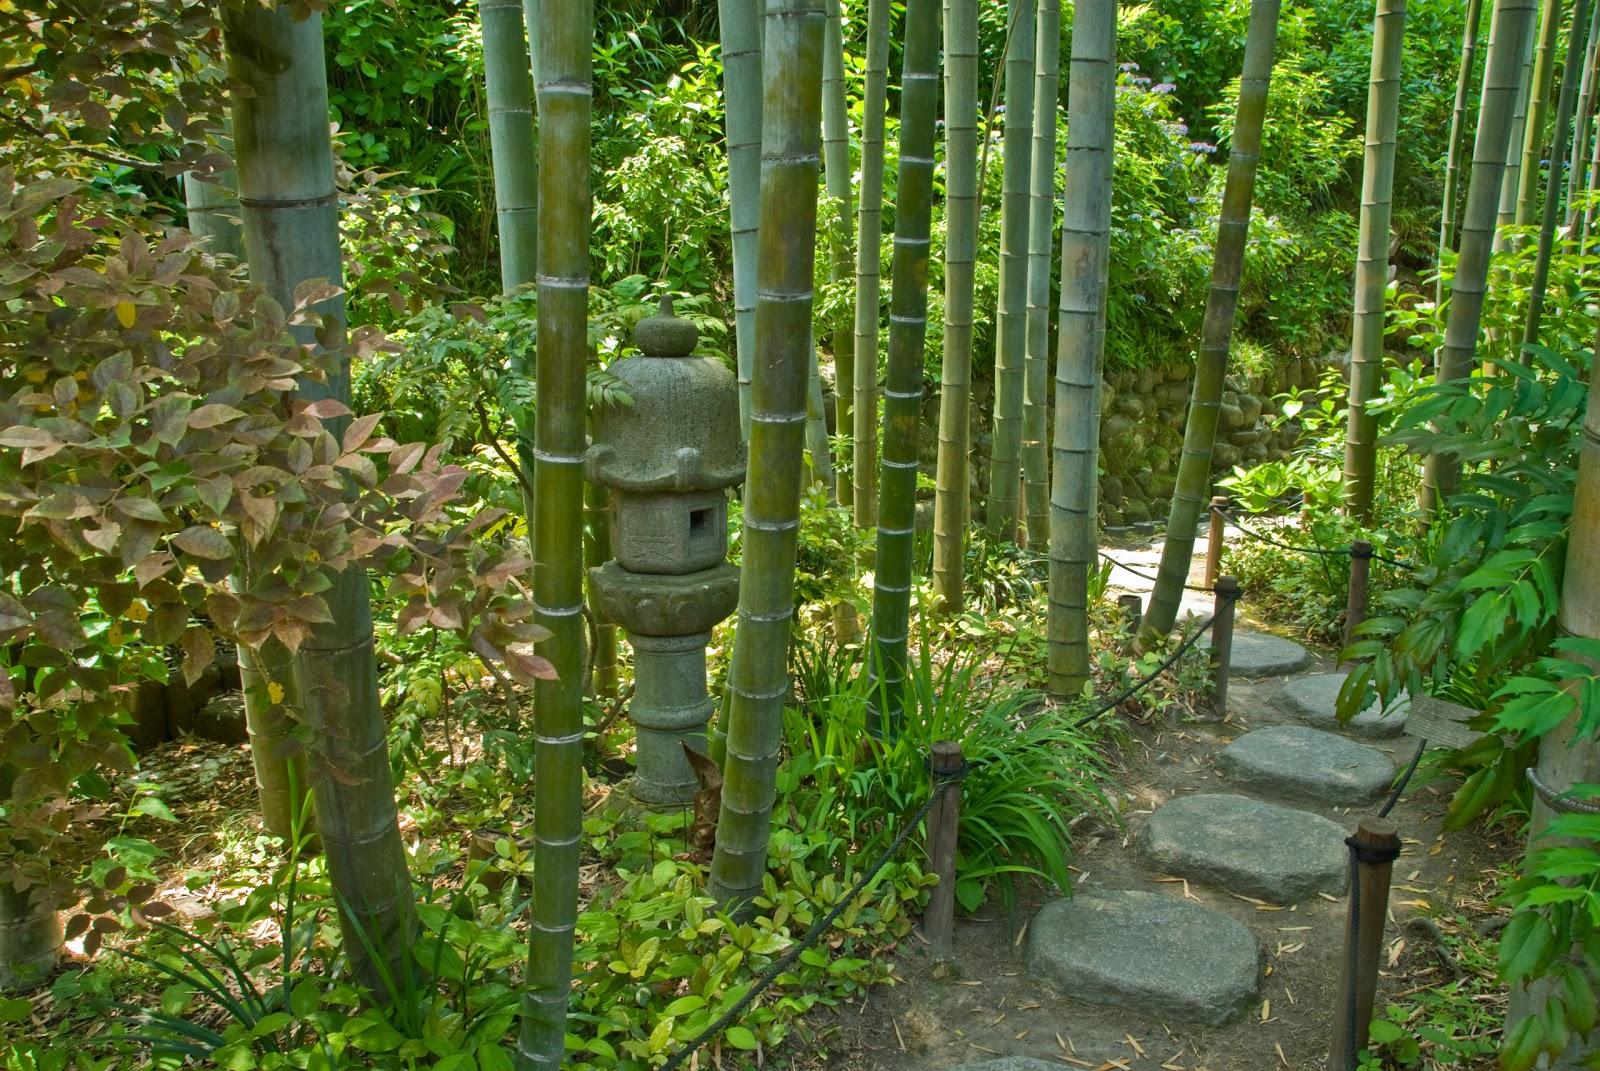 http://2.bp.blogspot.com/-bwbC-RJRqvs/T6ALUjrJfVI/AAAAAAAAPvE/7L9i5PlS3fE/s1600/Hasedera-Bamboo_Grove.jpg